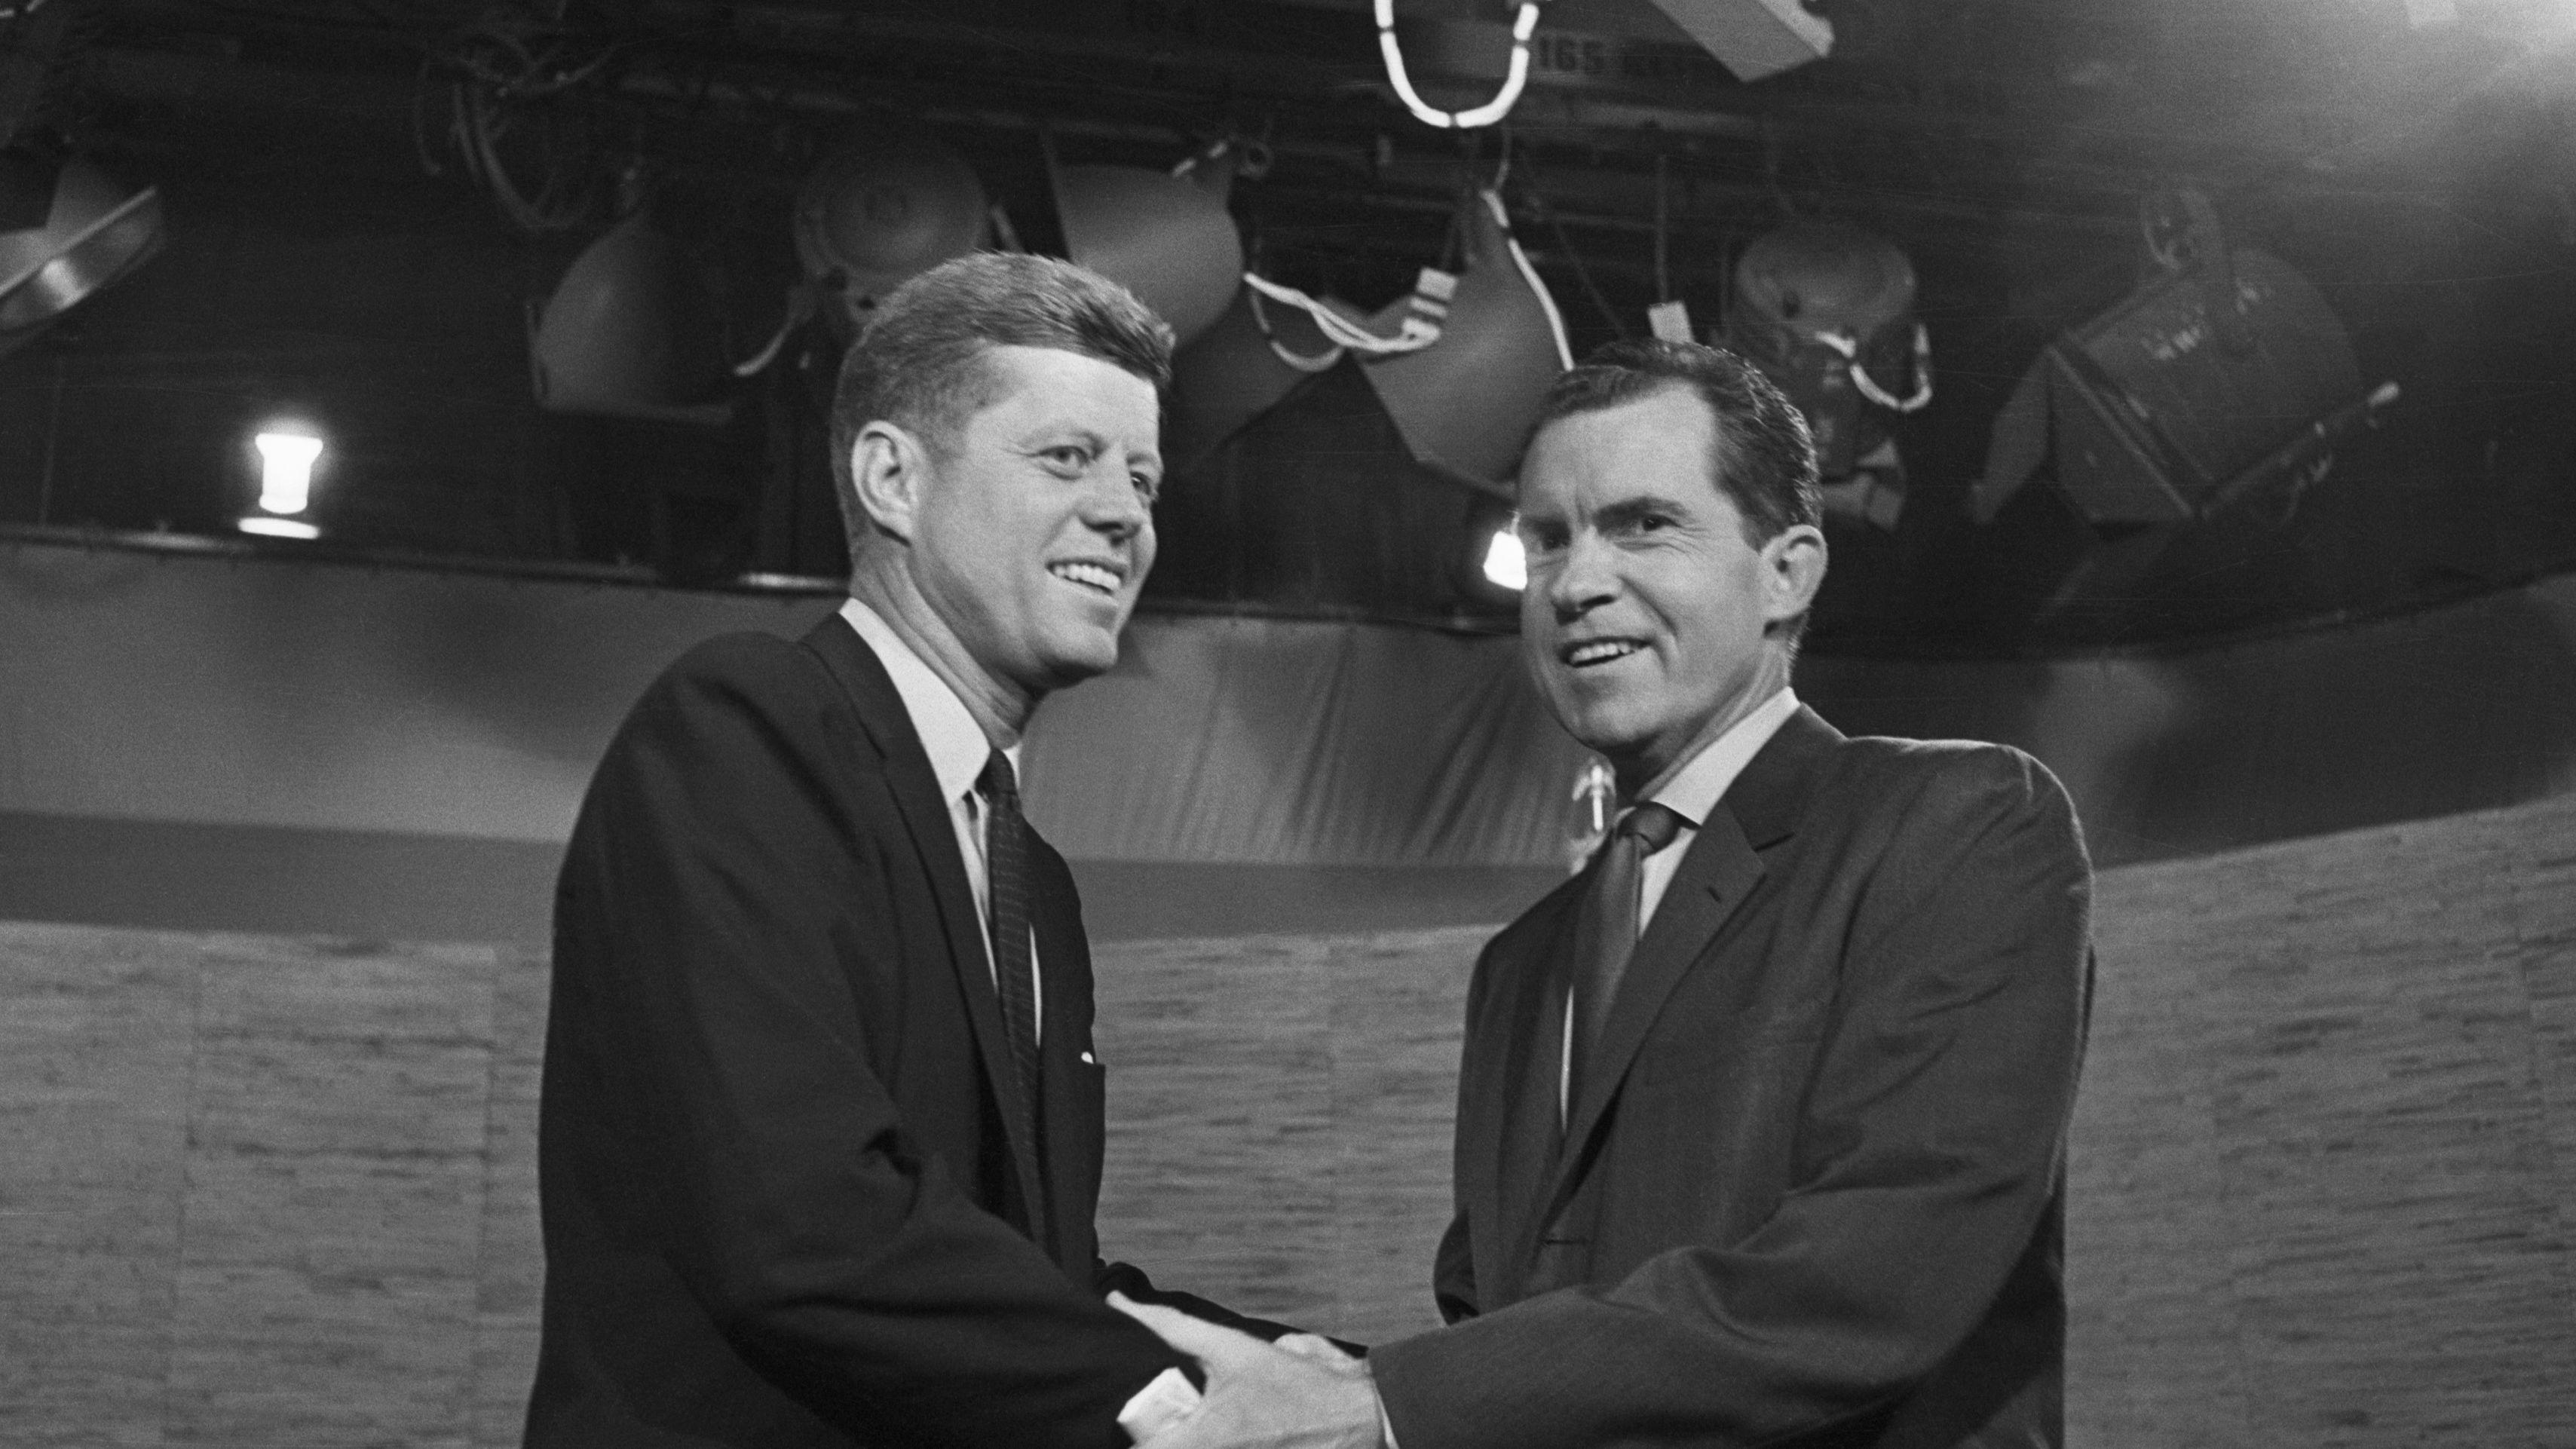 First televised presidential debate